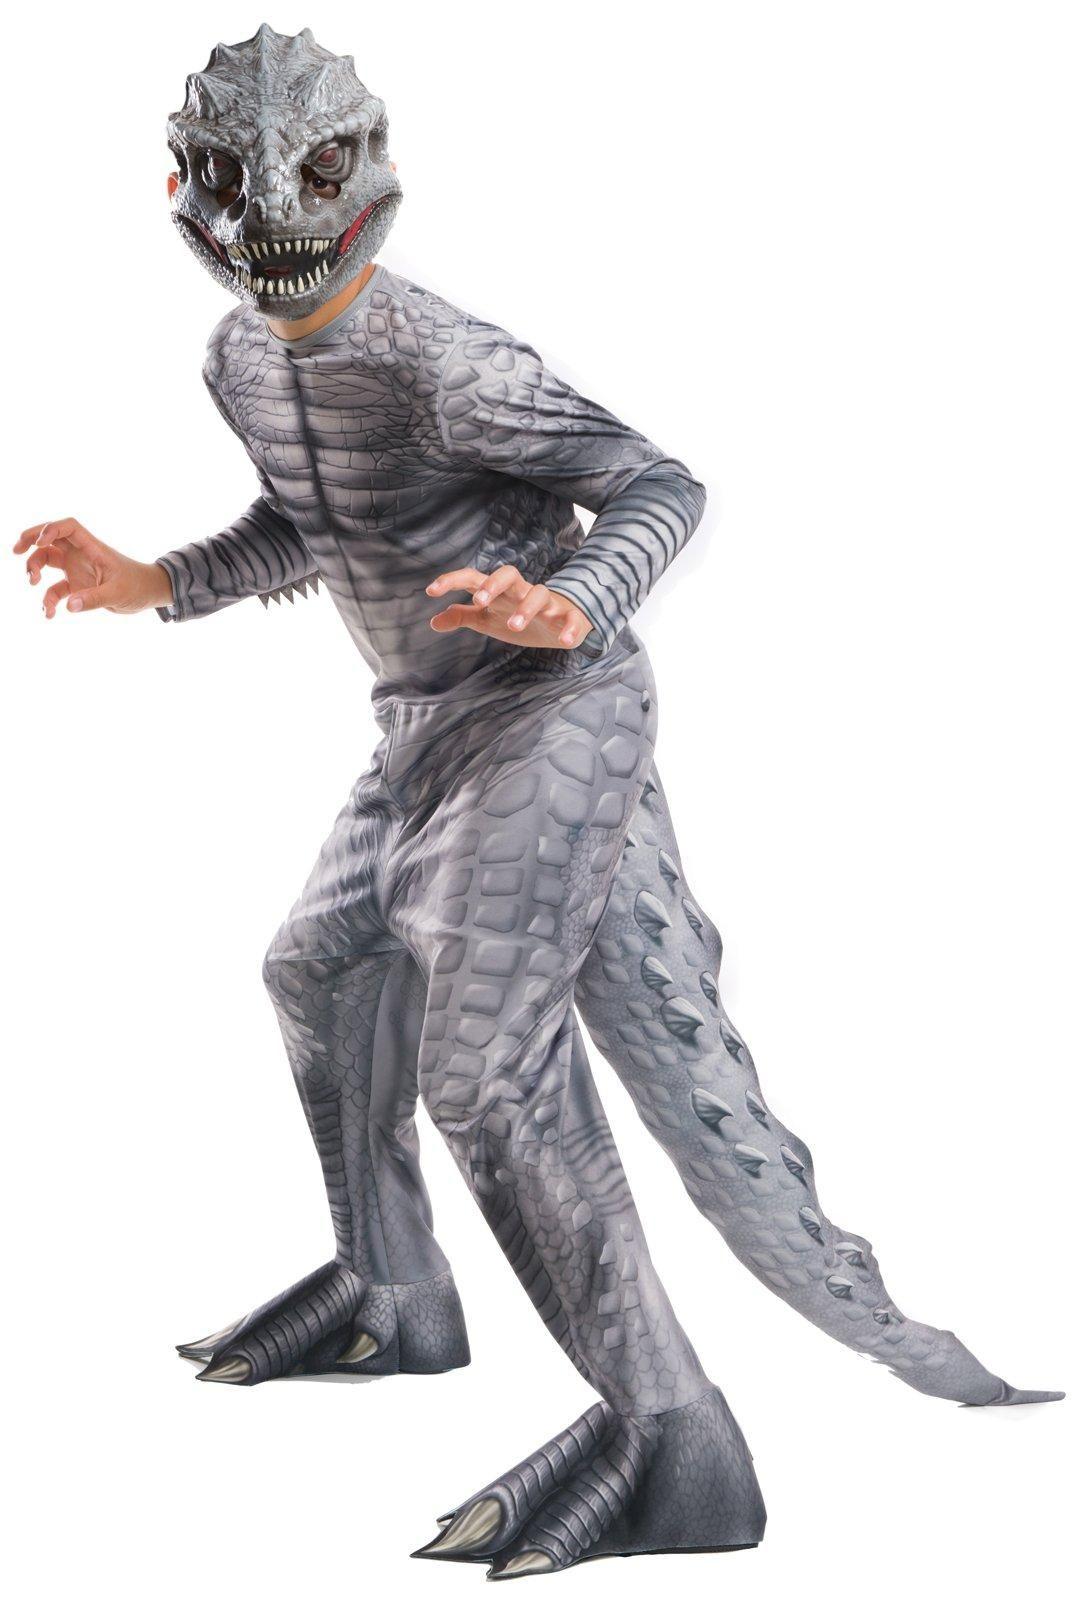 Jurassic World Indominus Rex Costume For Children from ...